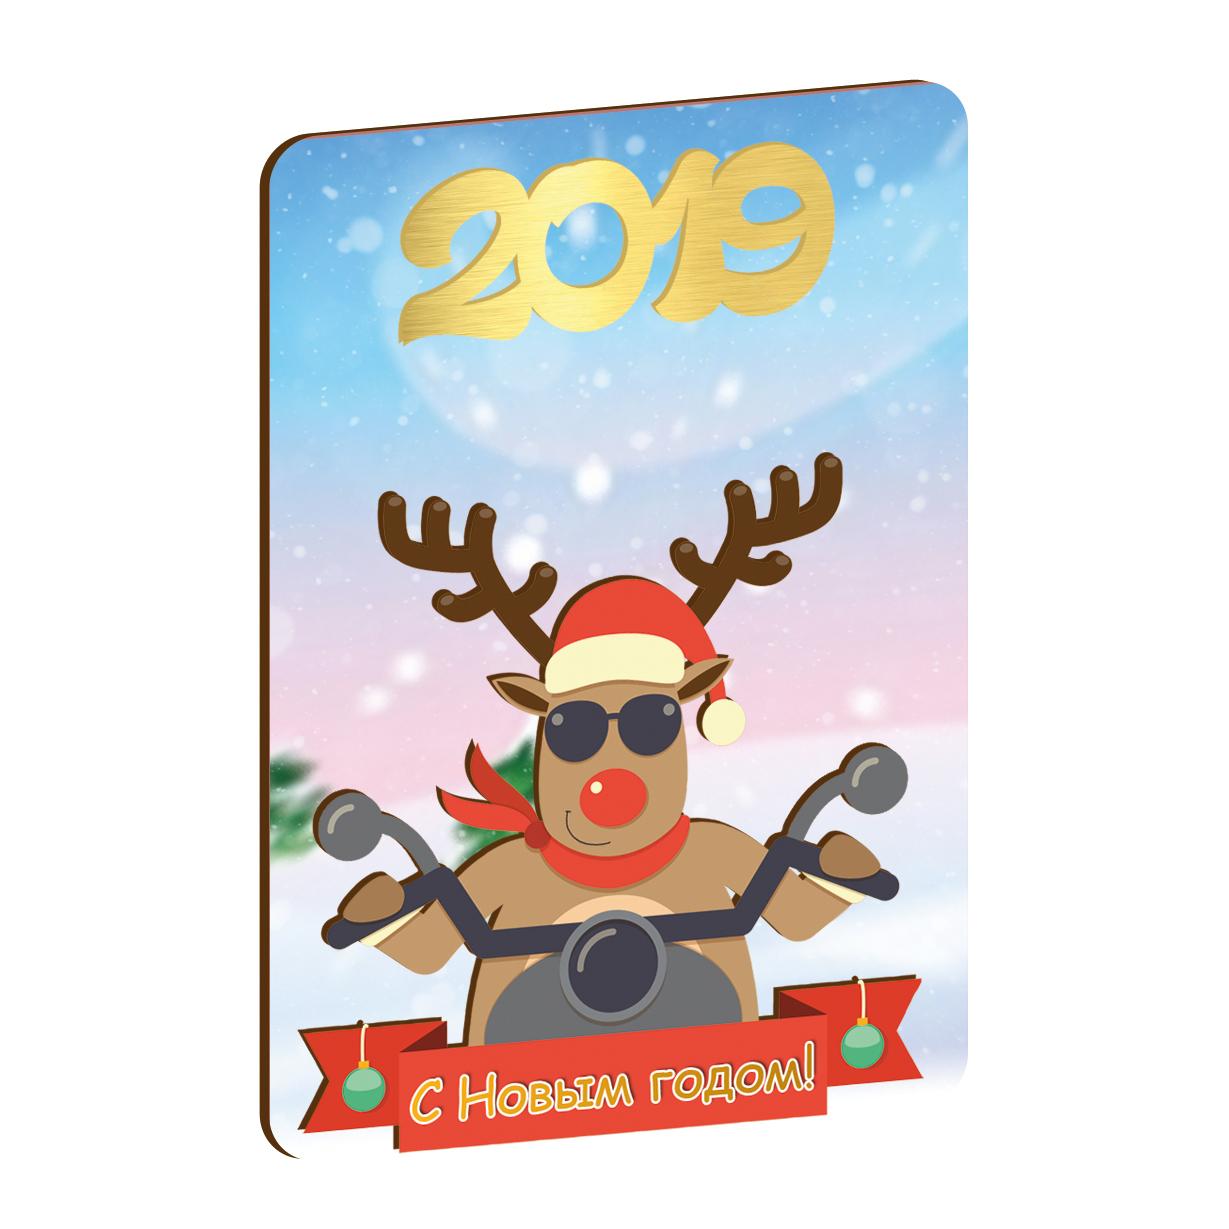 Деревянный магнит многосл цвет+золото Новый Год 2019 - год Свиньи